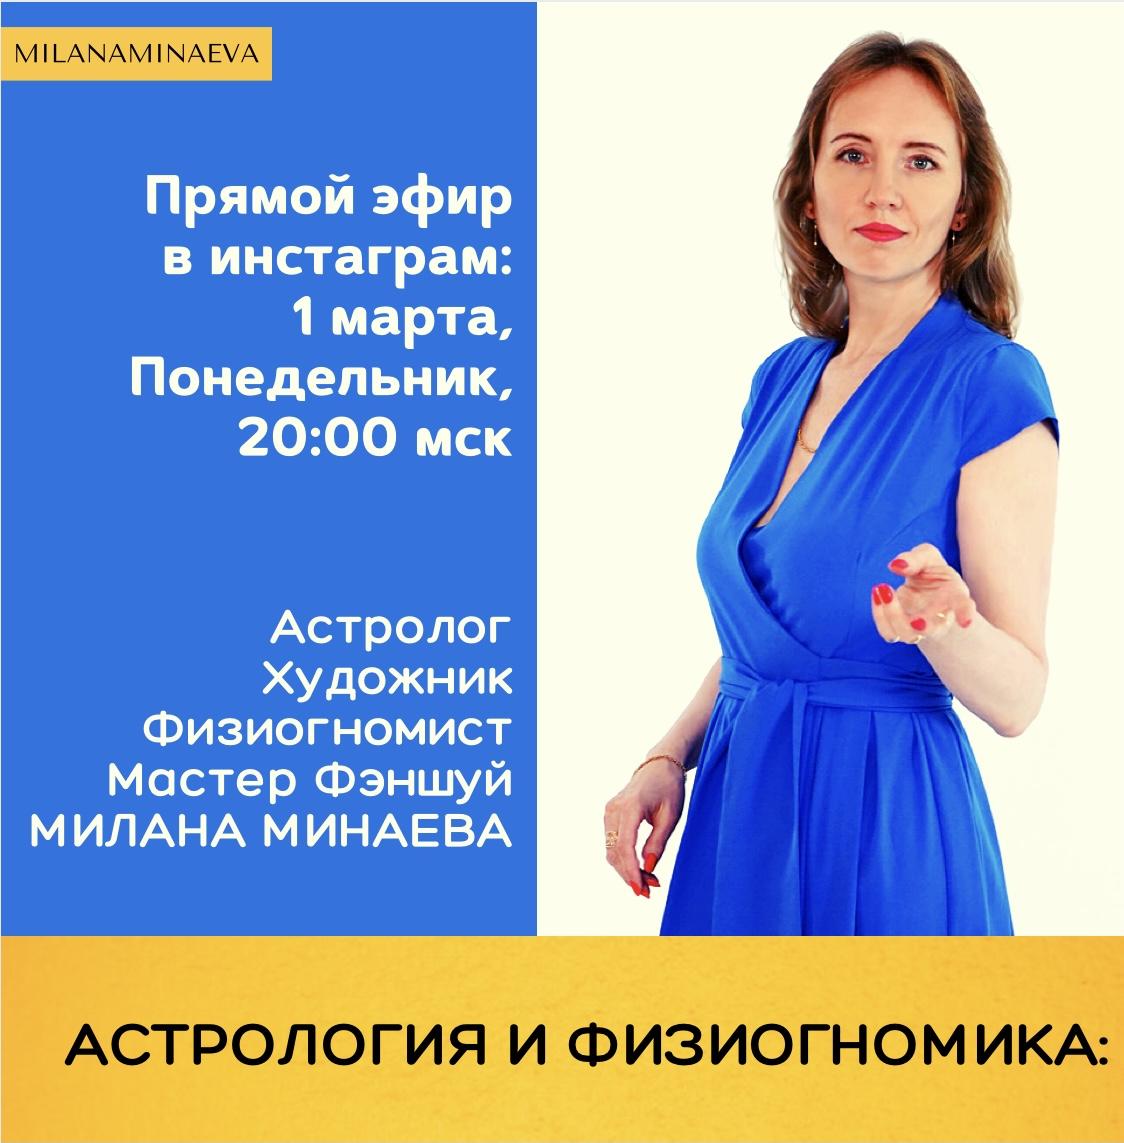 Милана Минаева - Астрология и Физиогномика - Milana.Ru